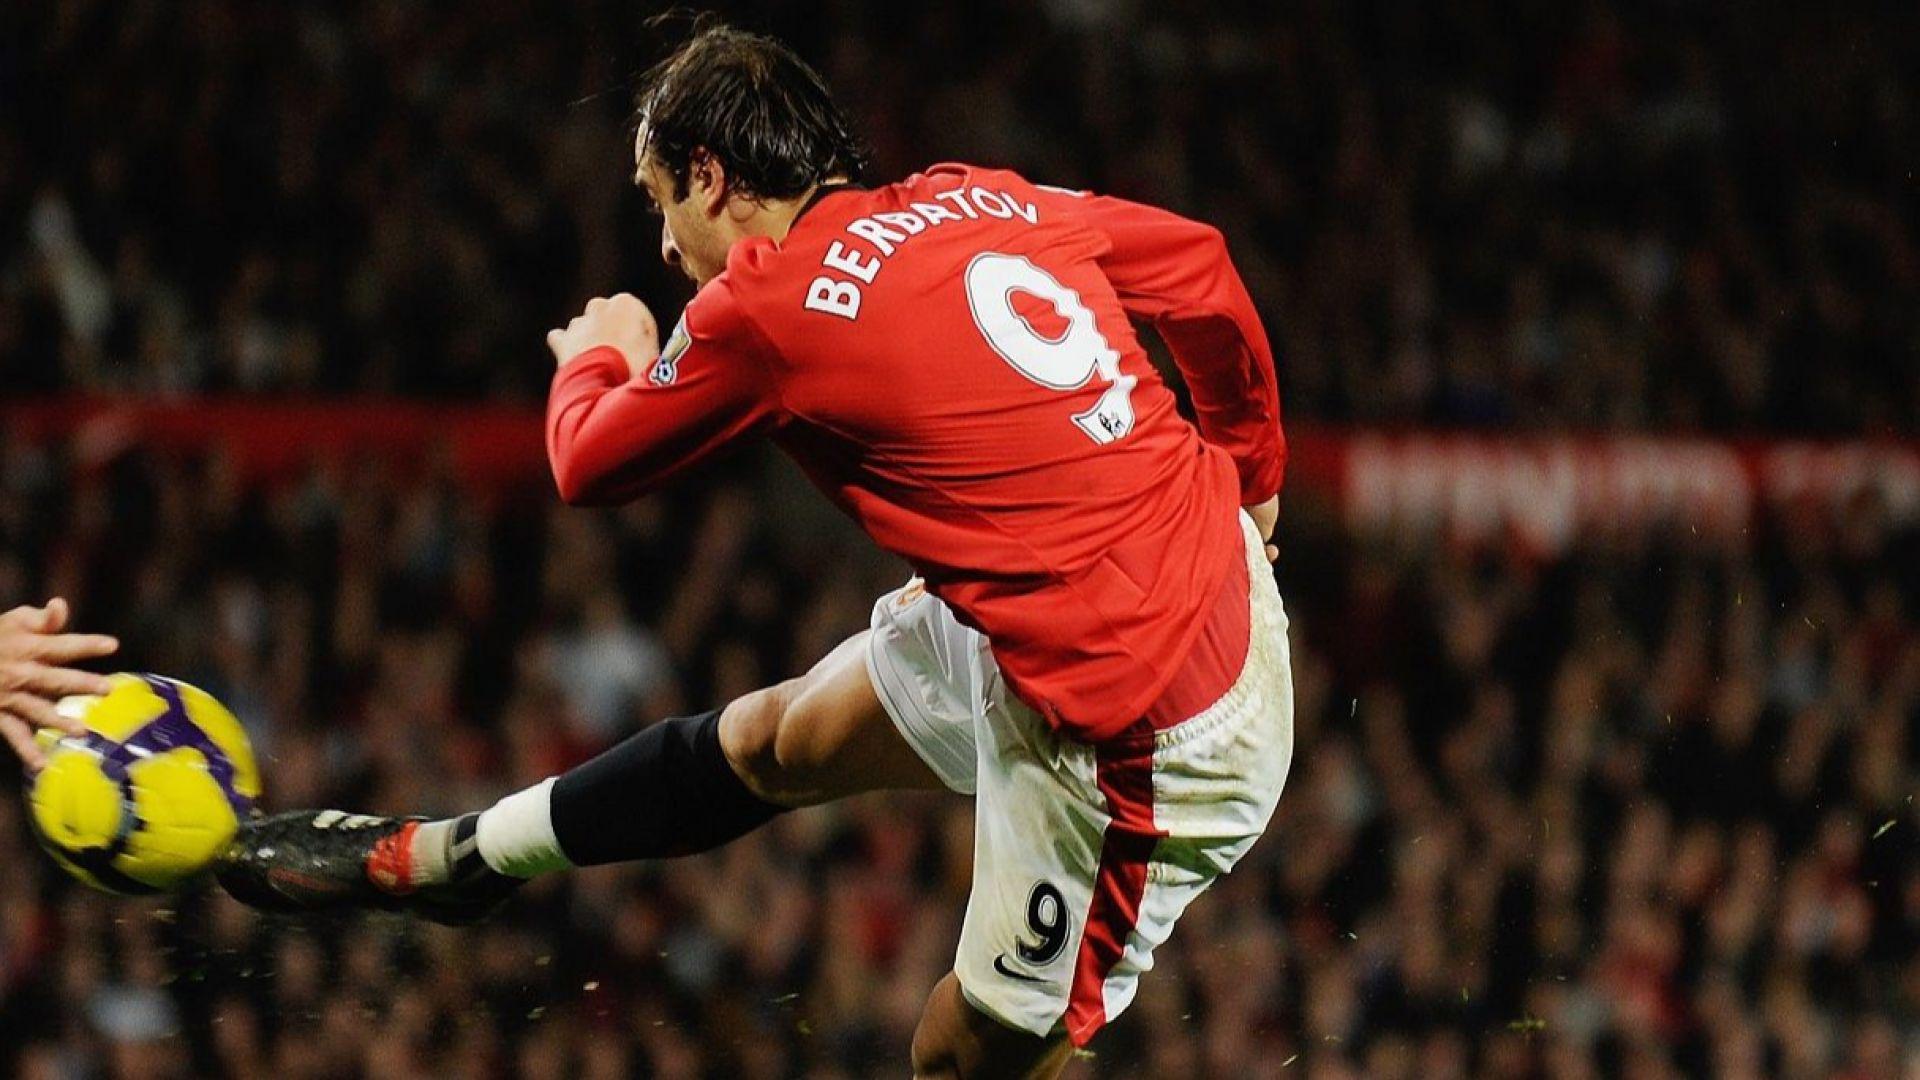 Наредиха Бербатов сред най-великите с №9 в Манчестър Юнайтед